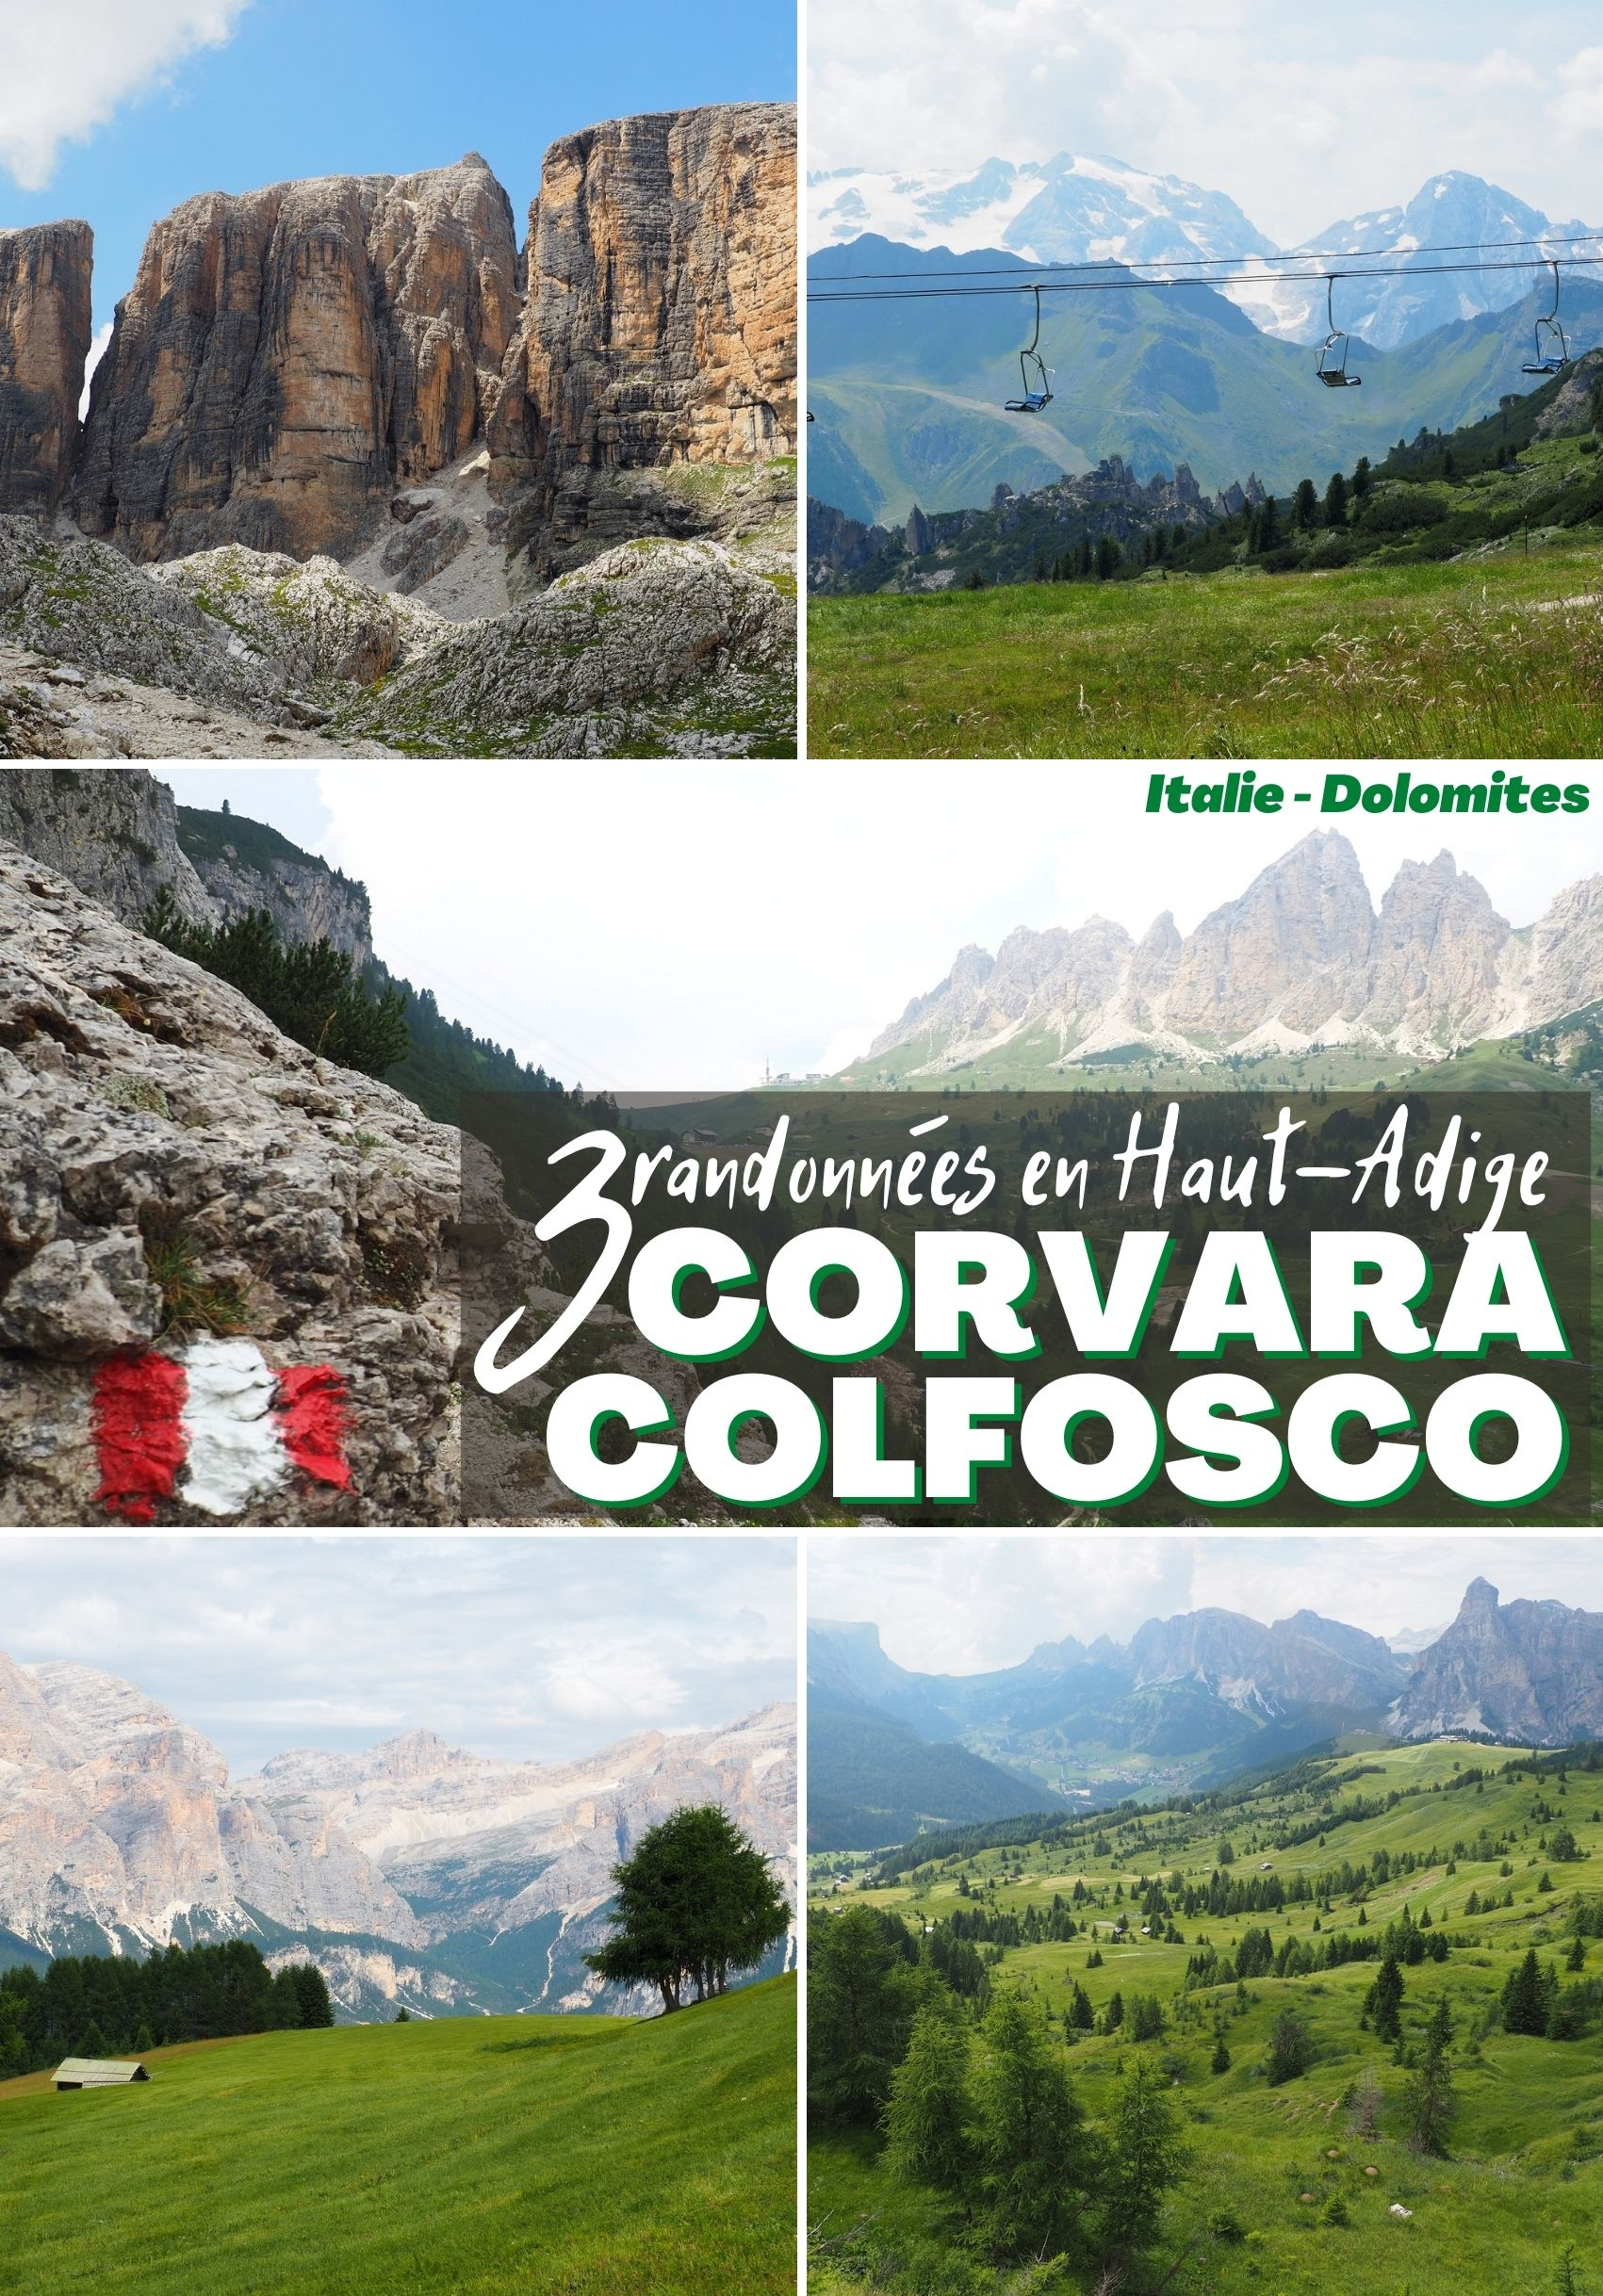 Découvrez 3 idées de randonnées dans les Dolomites, depuis Corvara in Badia et Colfosco: leurs itinéraires, quelques anecdotes et des informations pratiques